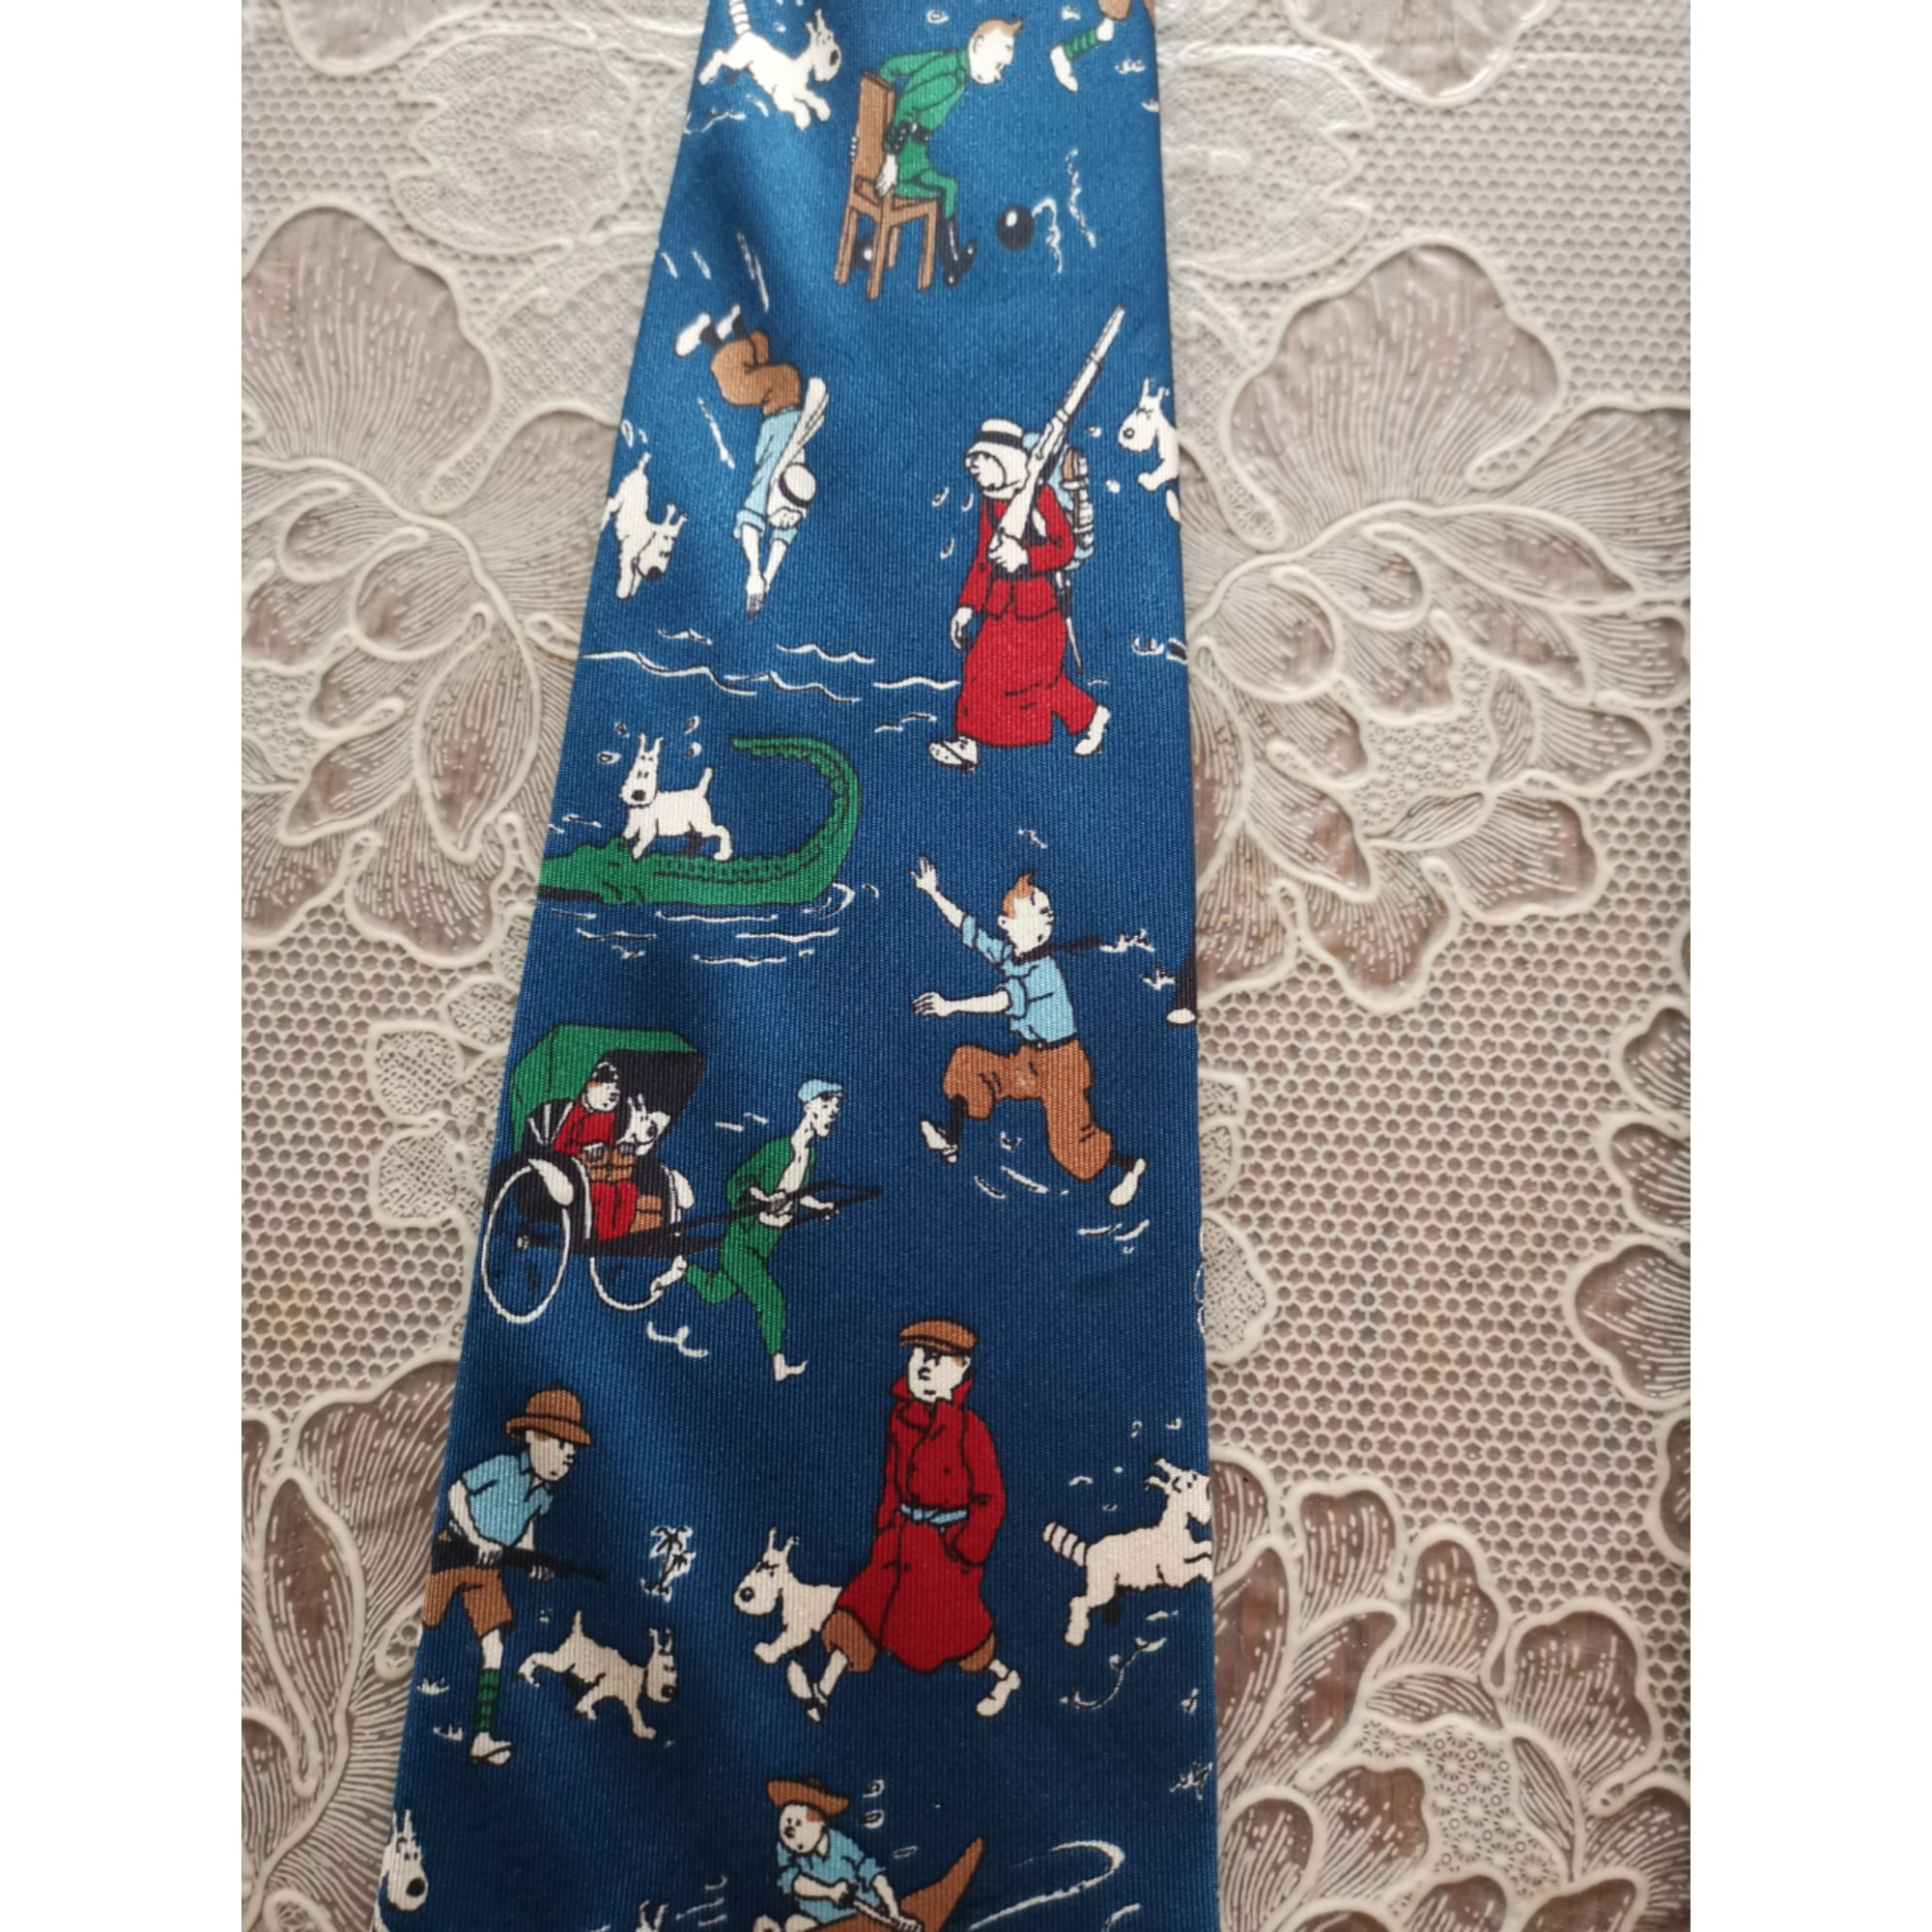 Cravate TINTIN Bleu, bleu marine, bleu turquoise